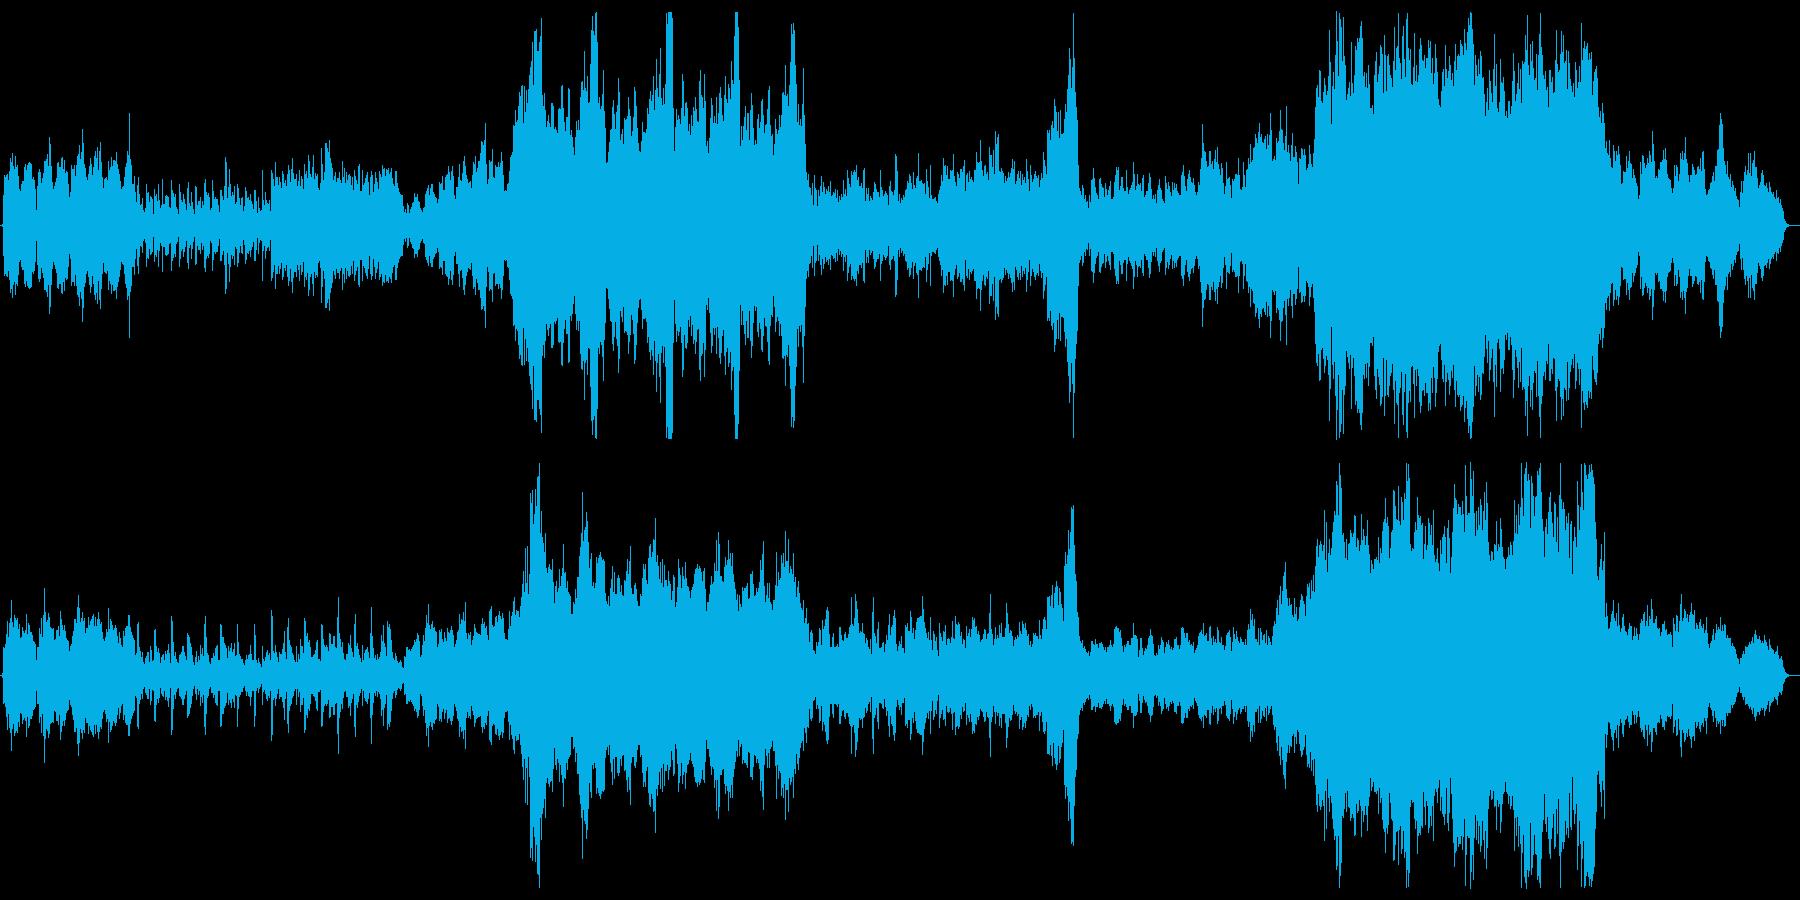 幻想的で壮大な和風曲の再生済みの波形